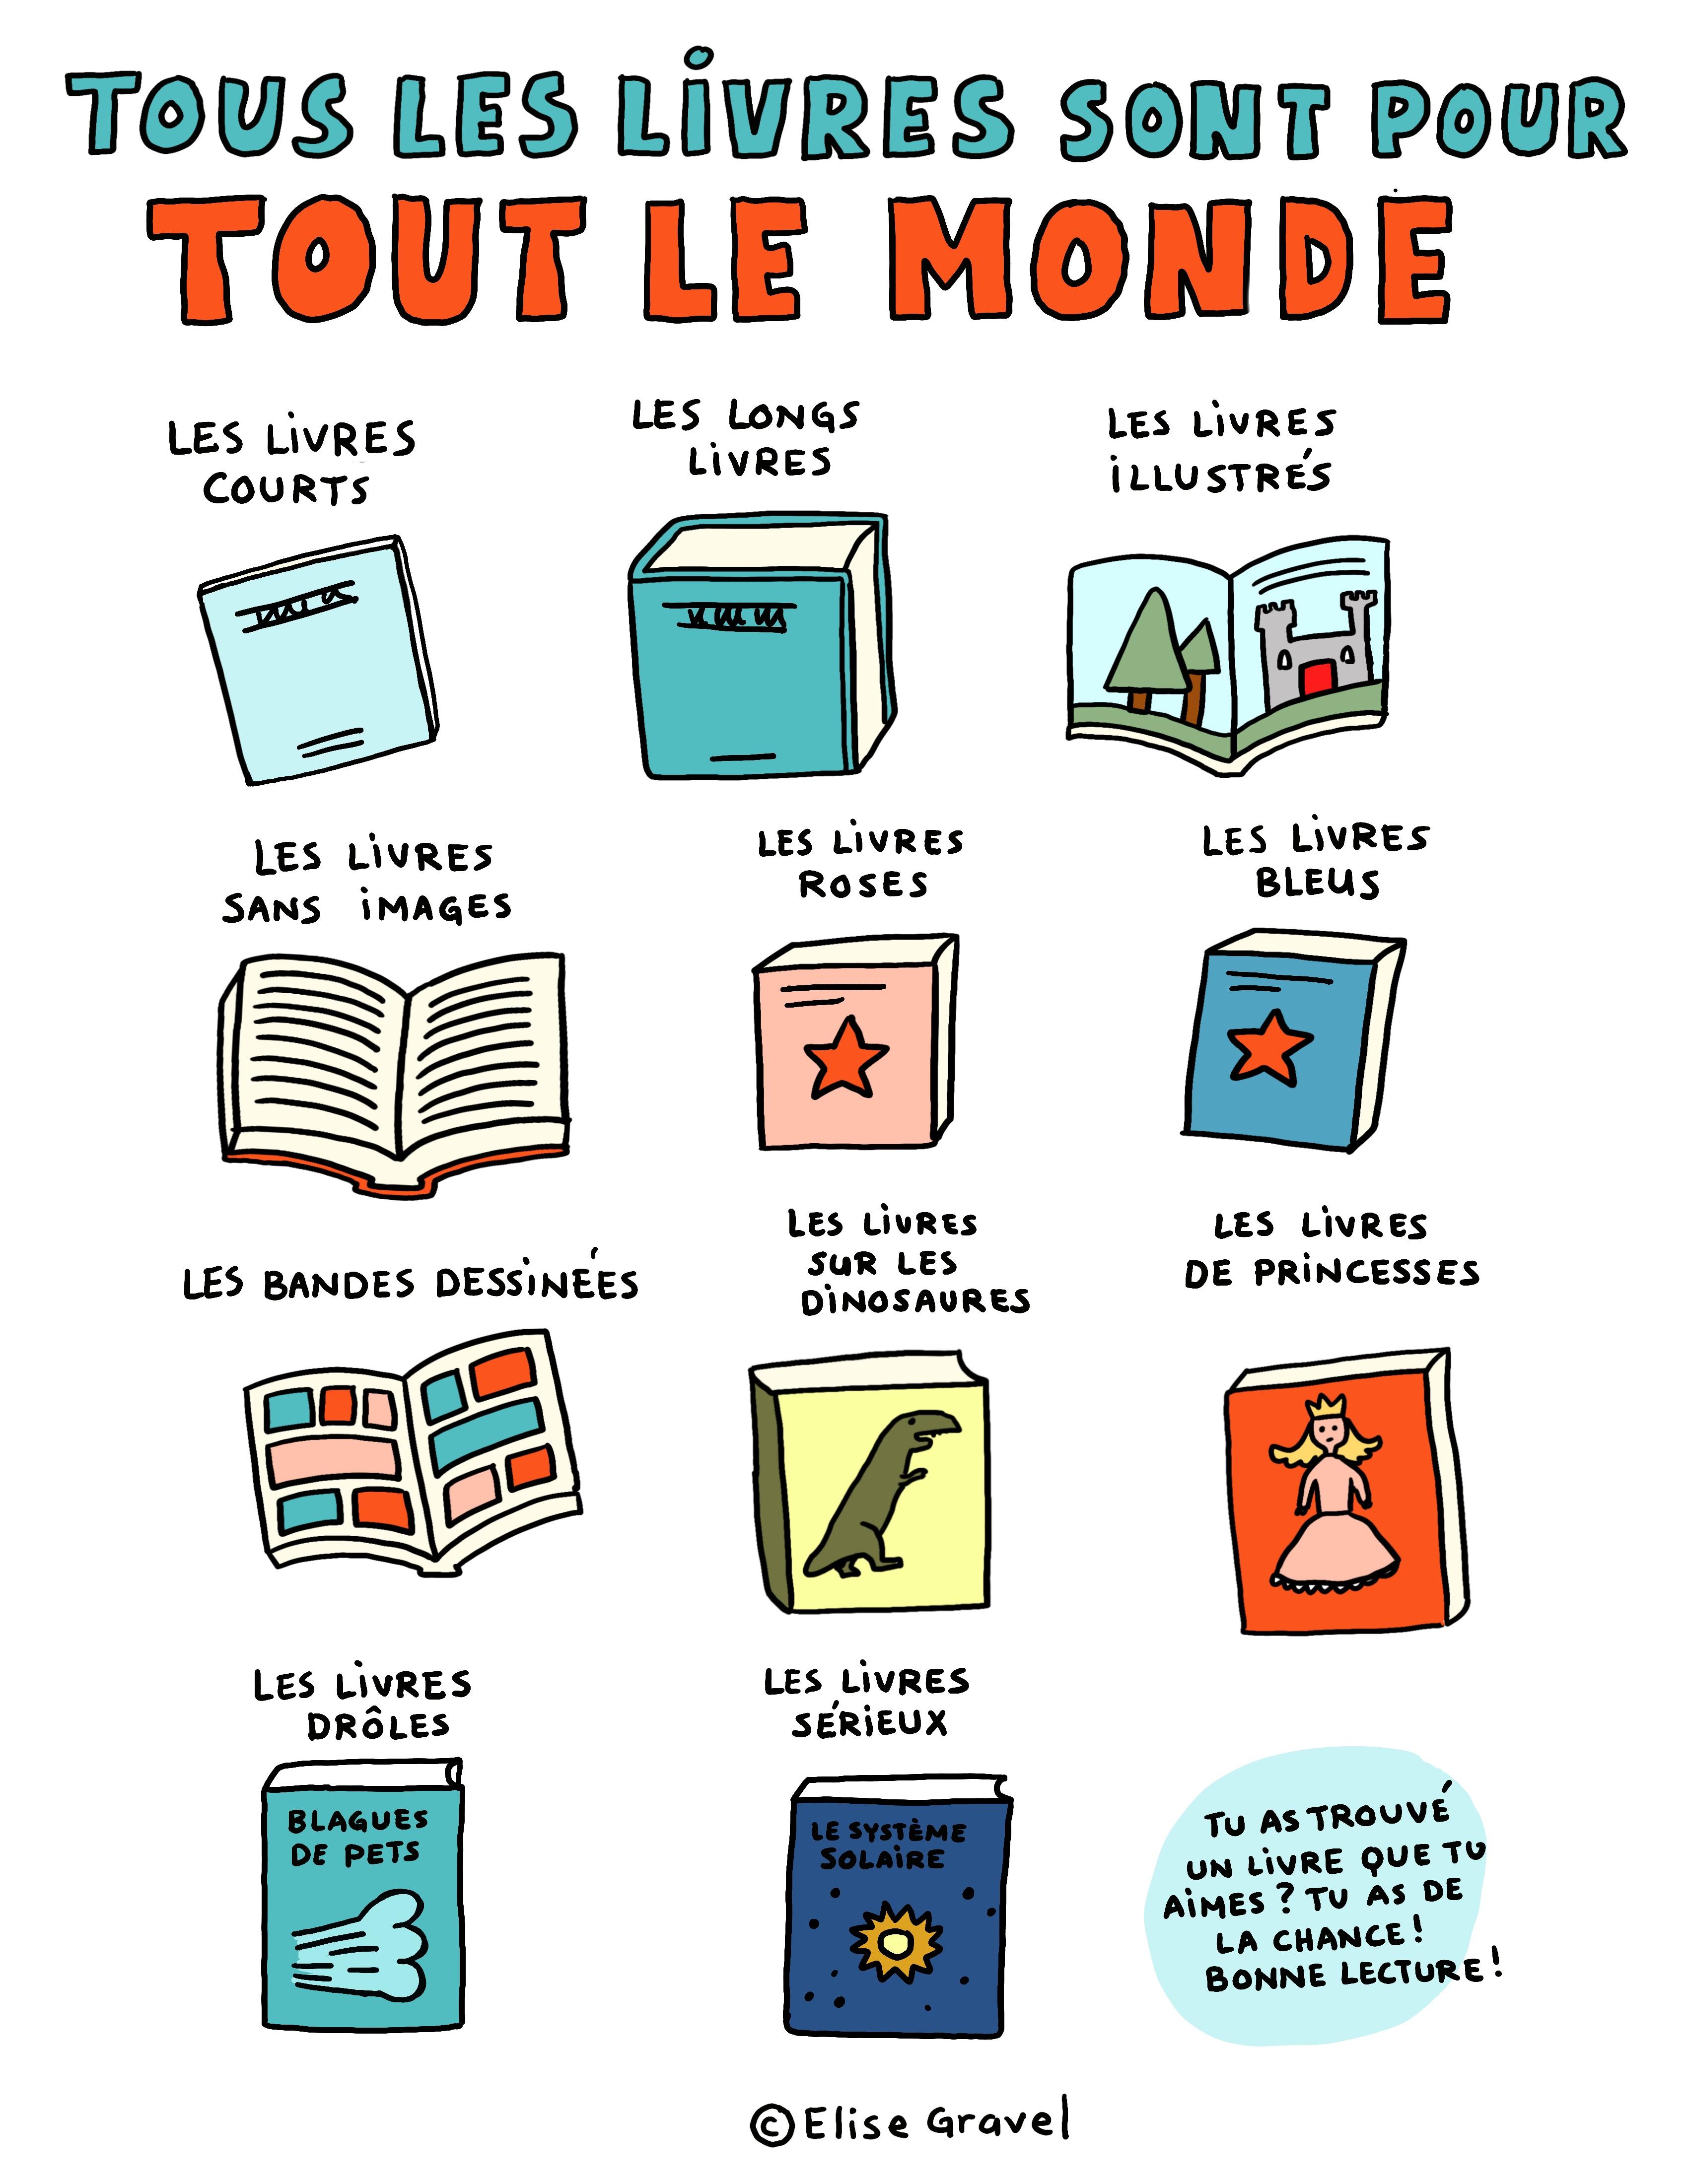 Tous les livres sont pour tout le monde